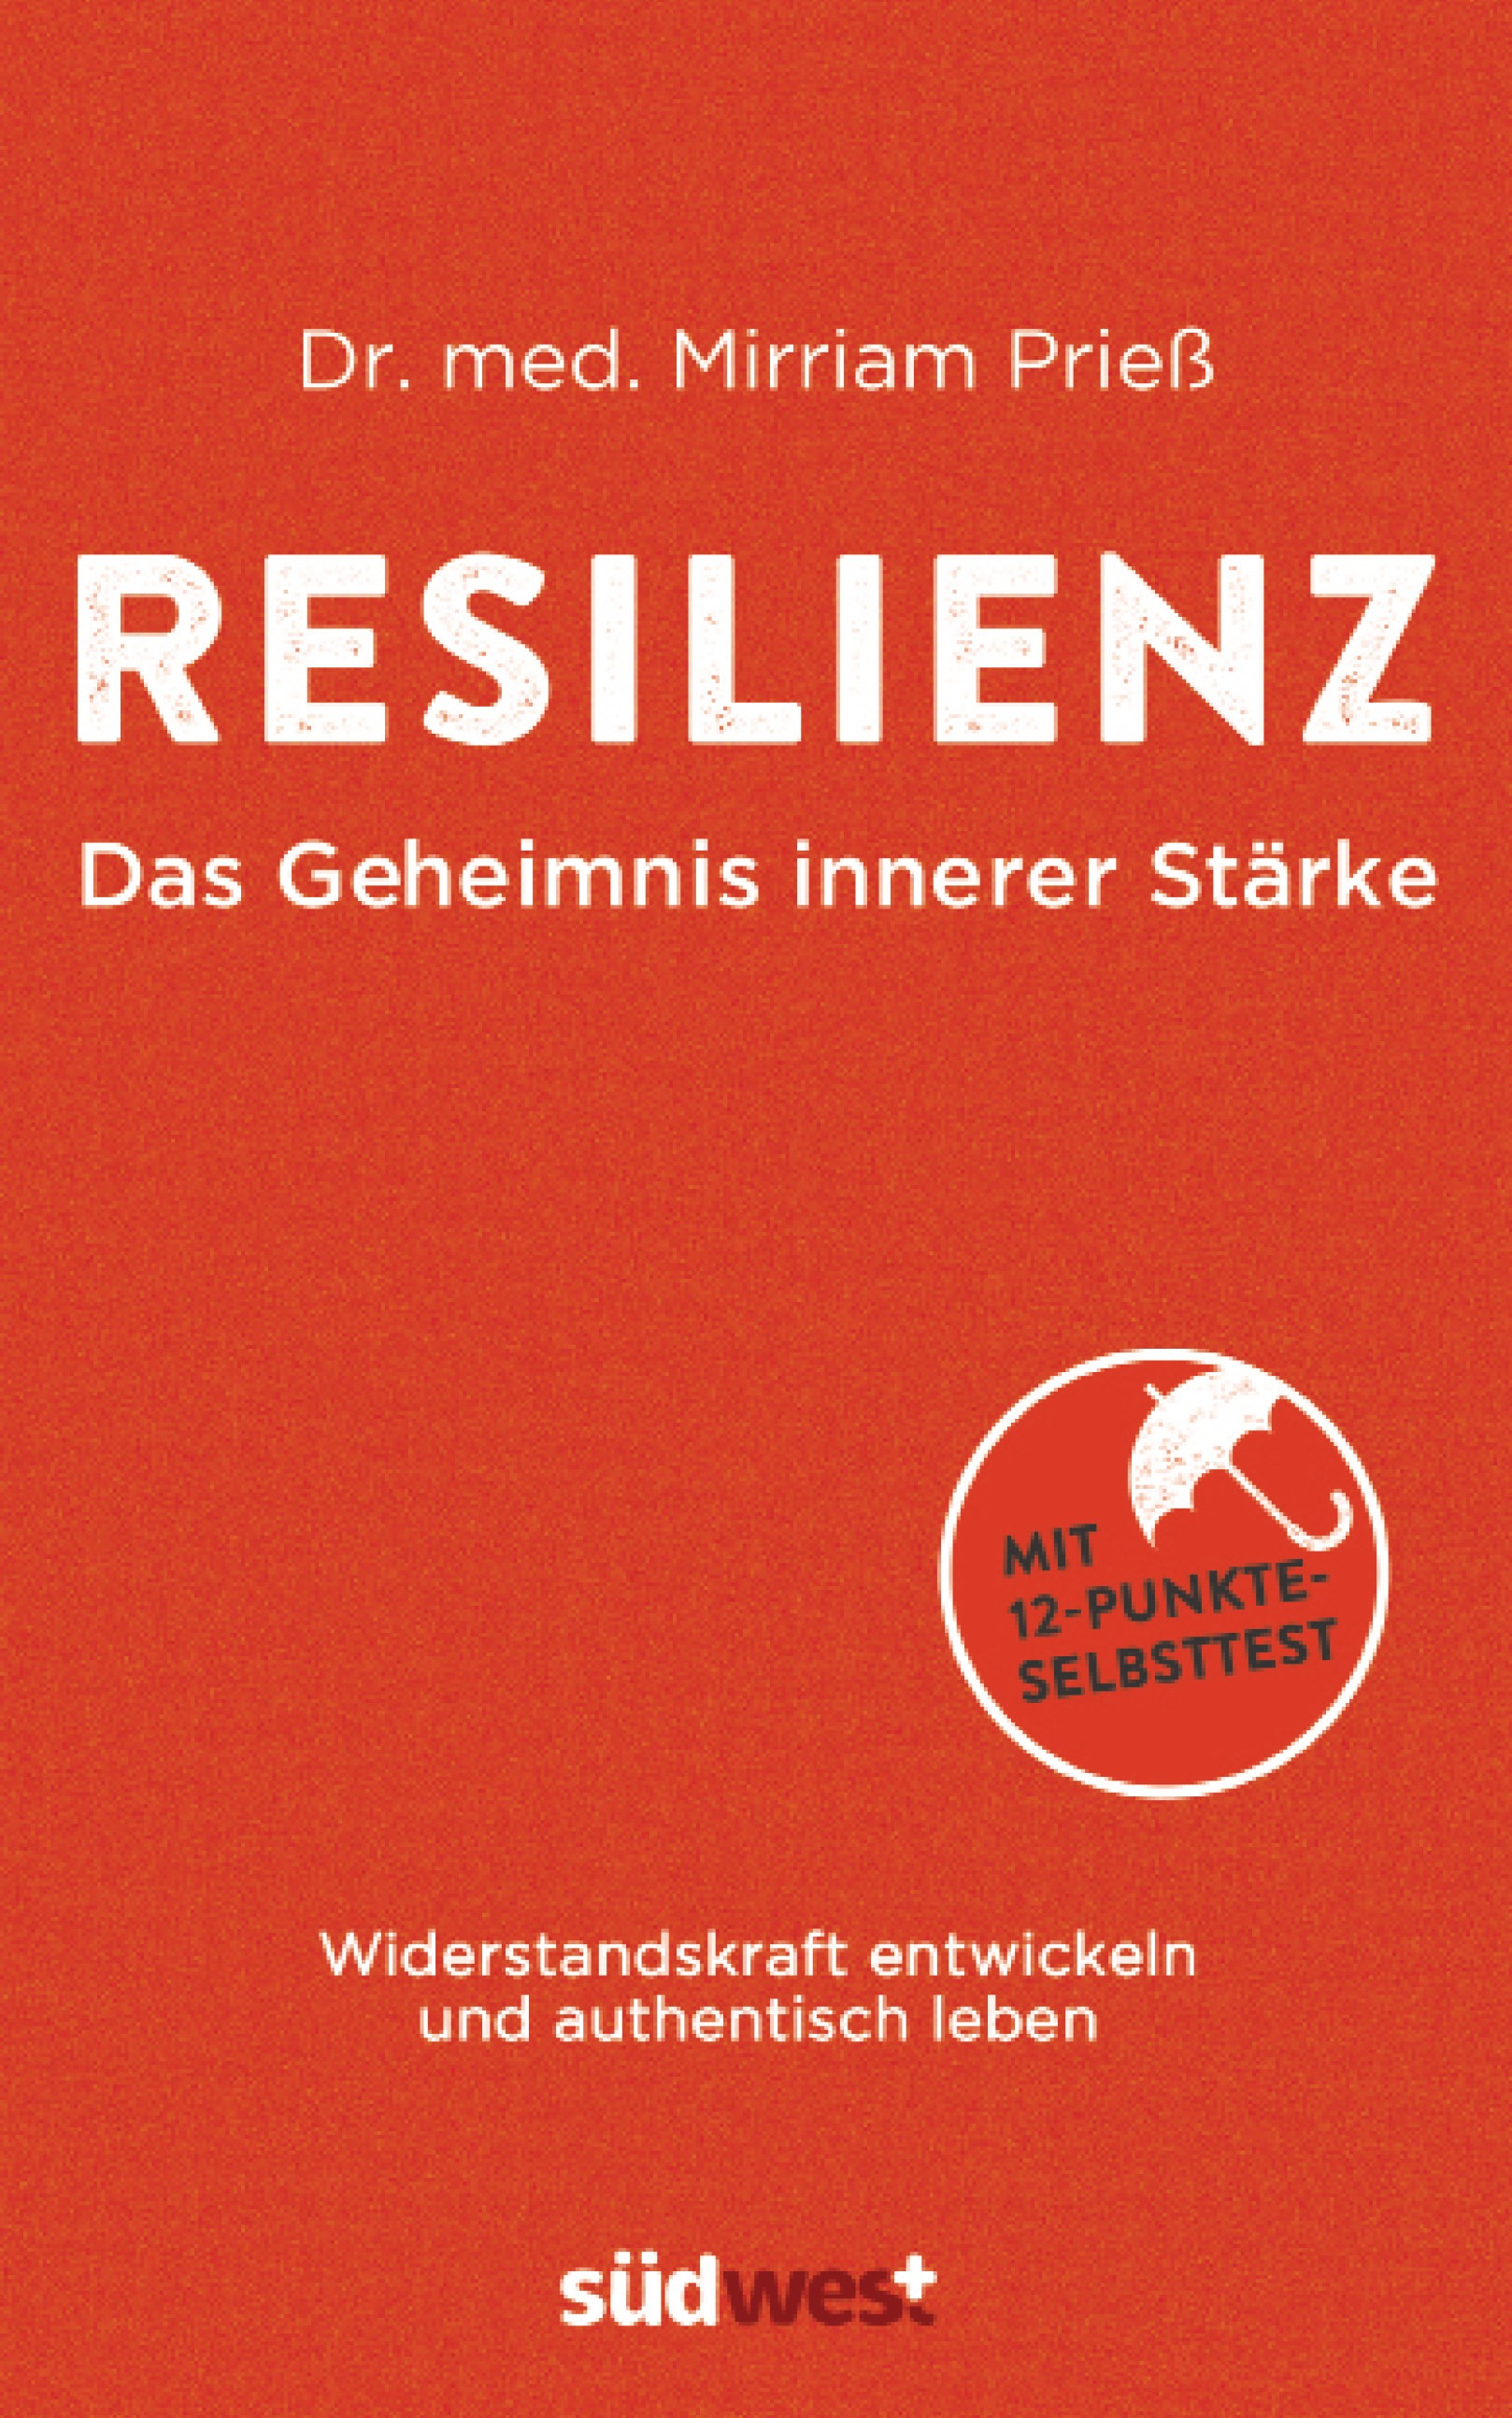 Resilienz - Das Geheimnis innerer Stärke: Widerstandskraft entwickeln und authentisch leben. Mit 12-Punkte-Selbsttest -